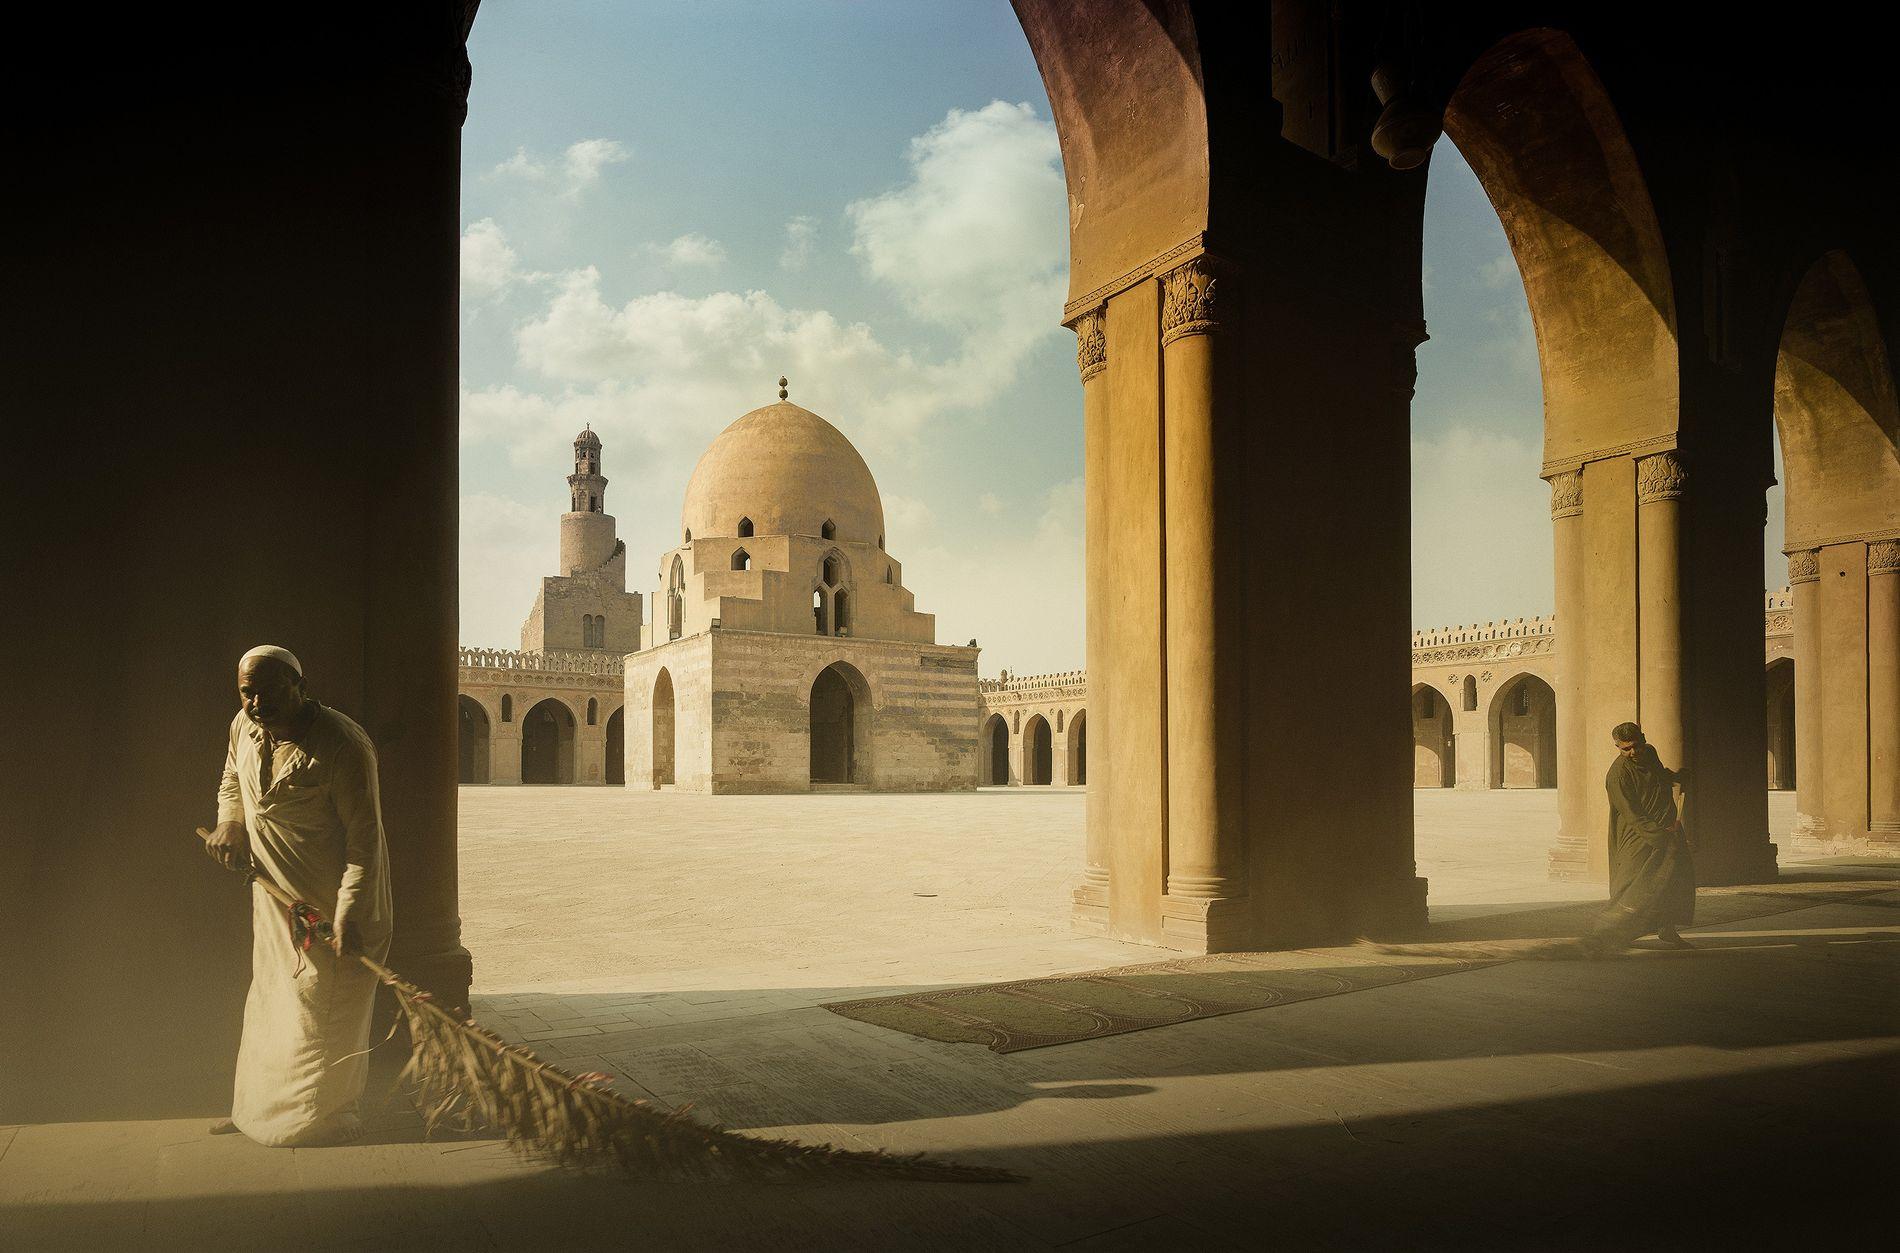 Le ballet quotidien de Saïd et Abed, Mosquée Ibn Touloun, patrimoine mondial de l'Unesco, Égypte, 2018 ...